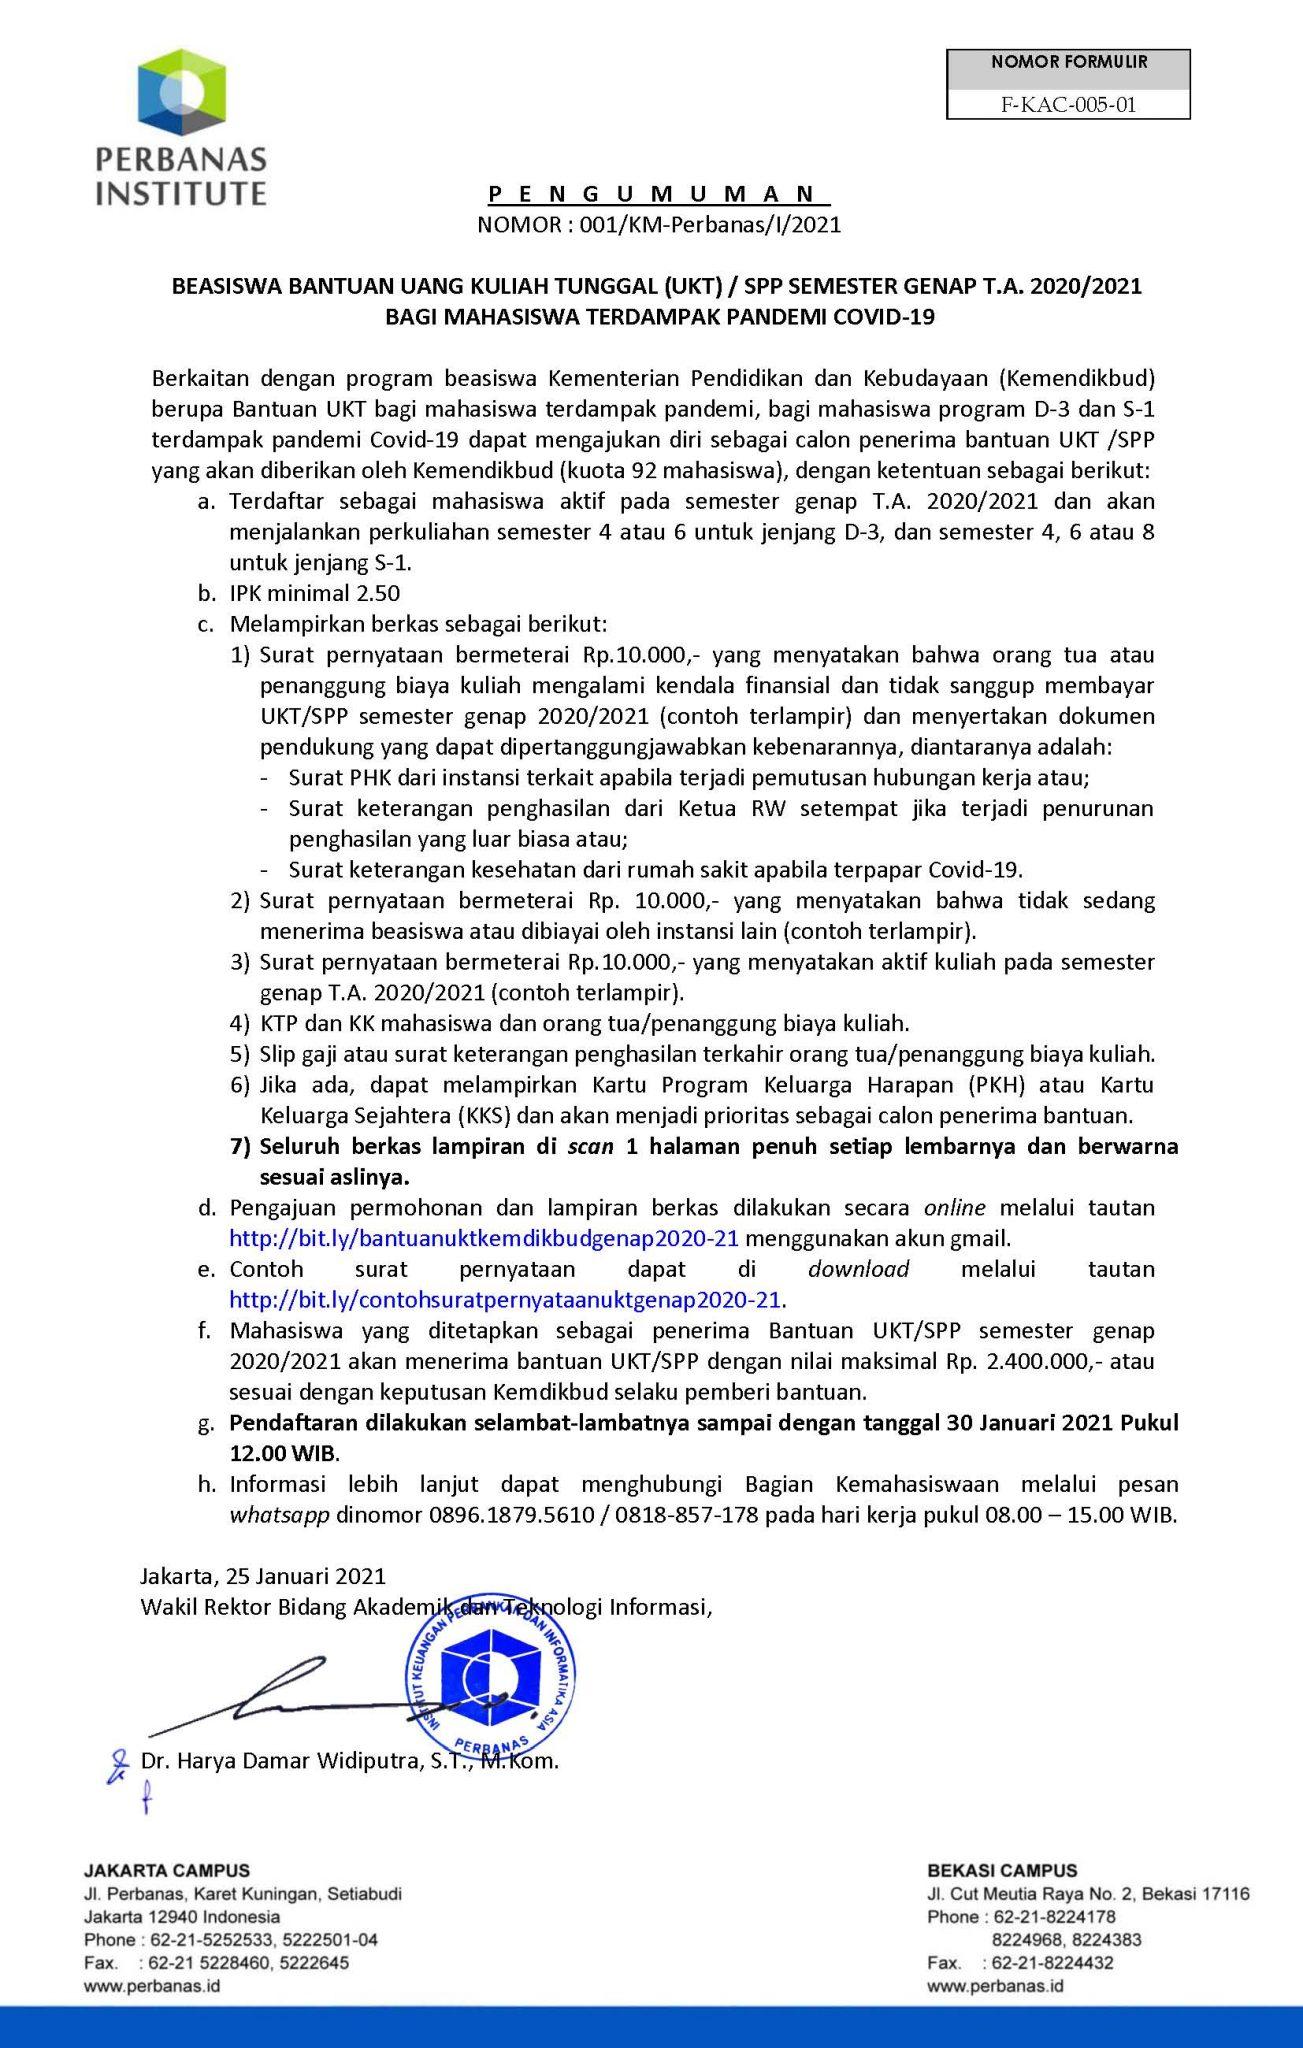 PENGUMUMAN BEASISWA BANTUAN UANG KULIAH TUNGGAL (UKT) / SPP SEMESTER GENAP T.A. 2020/2021 BAGI MAHASISWA TERDAMPAK PANDEMI COVID-19